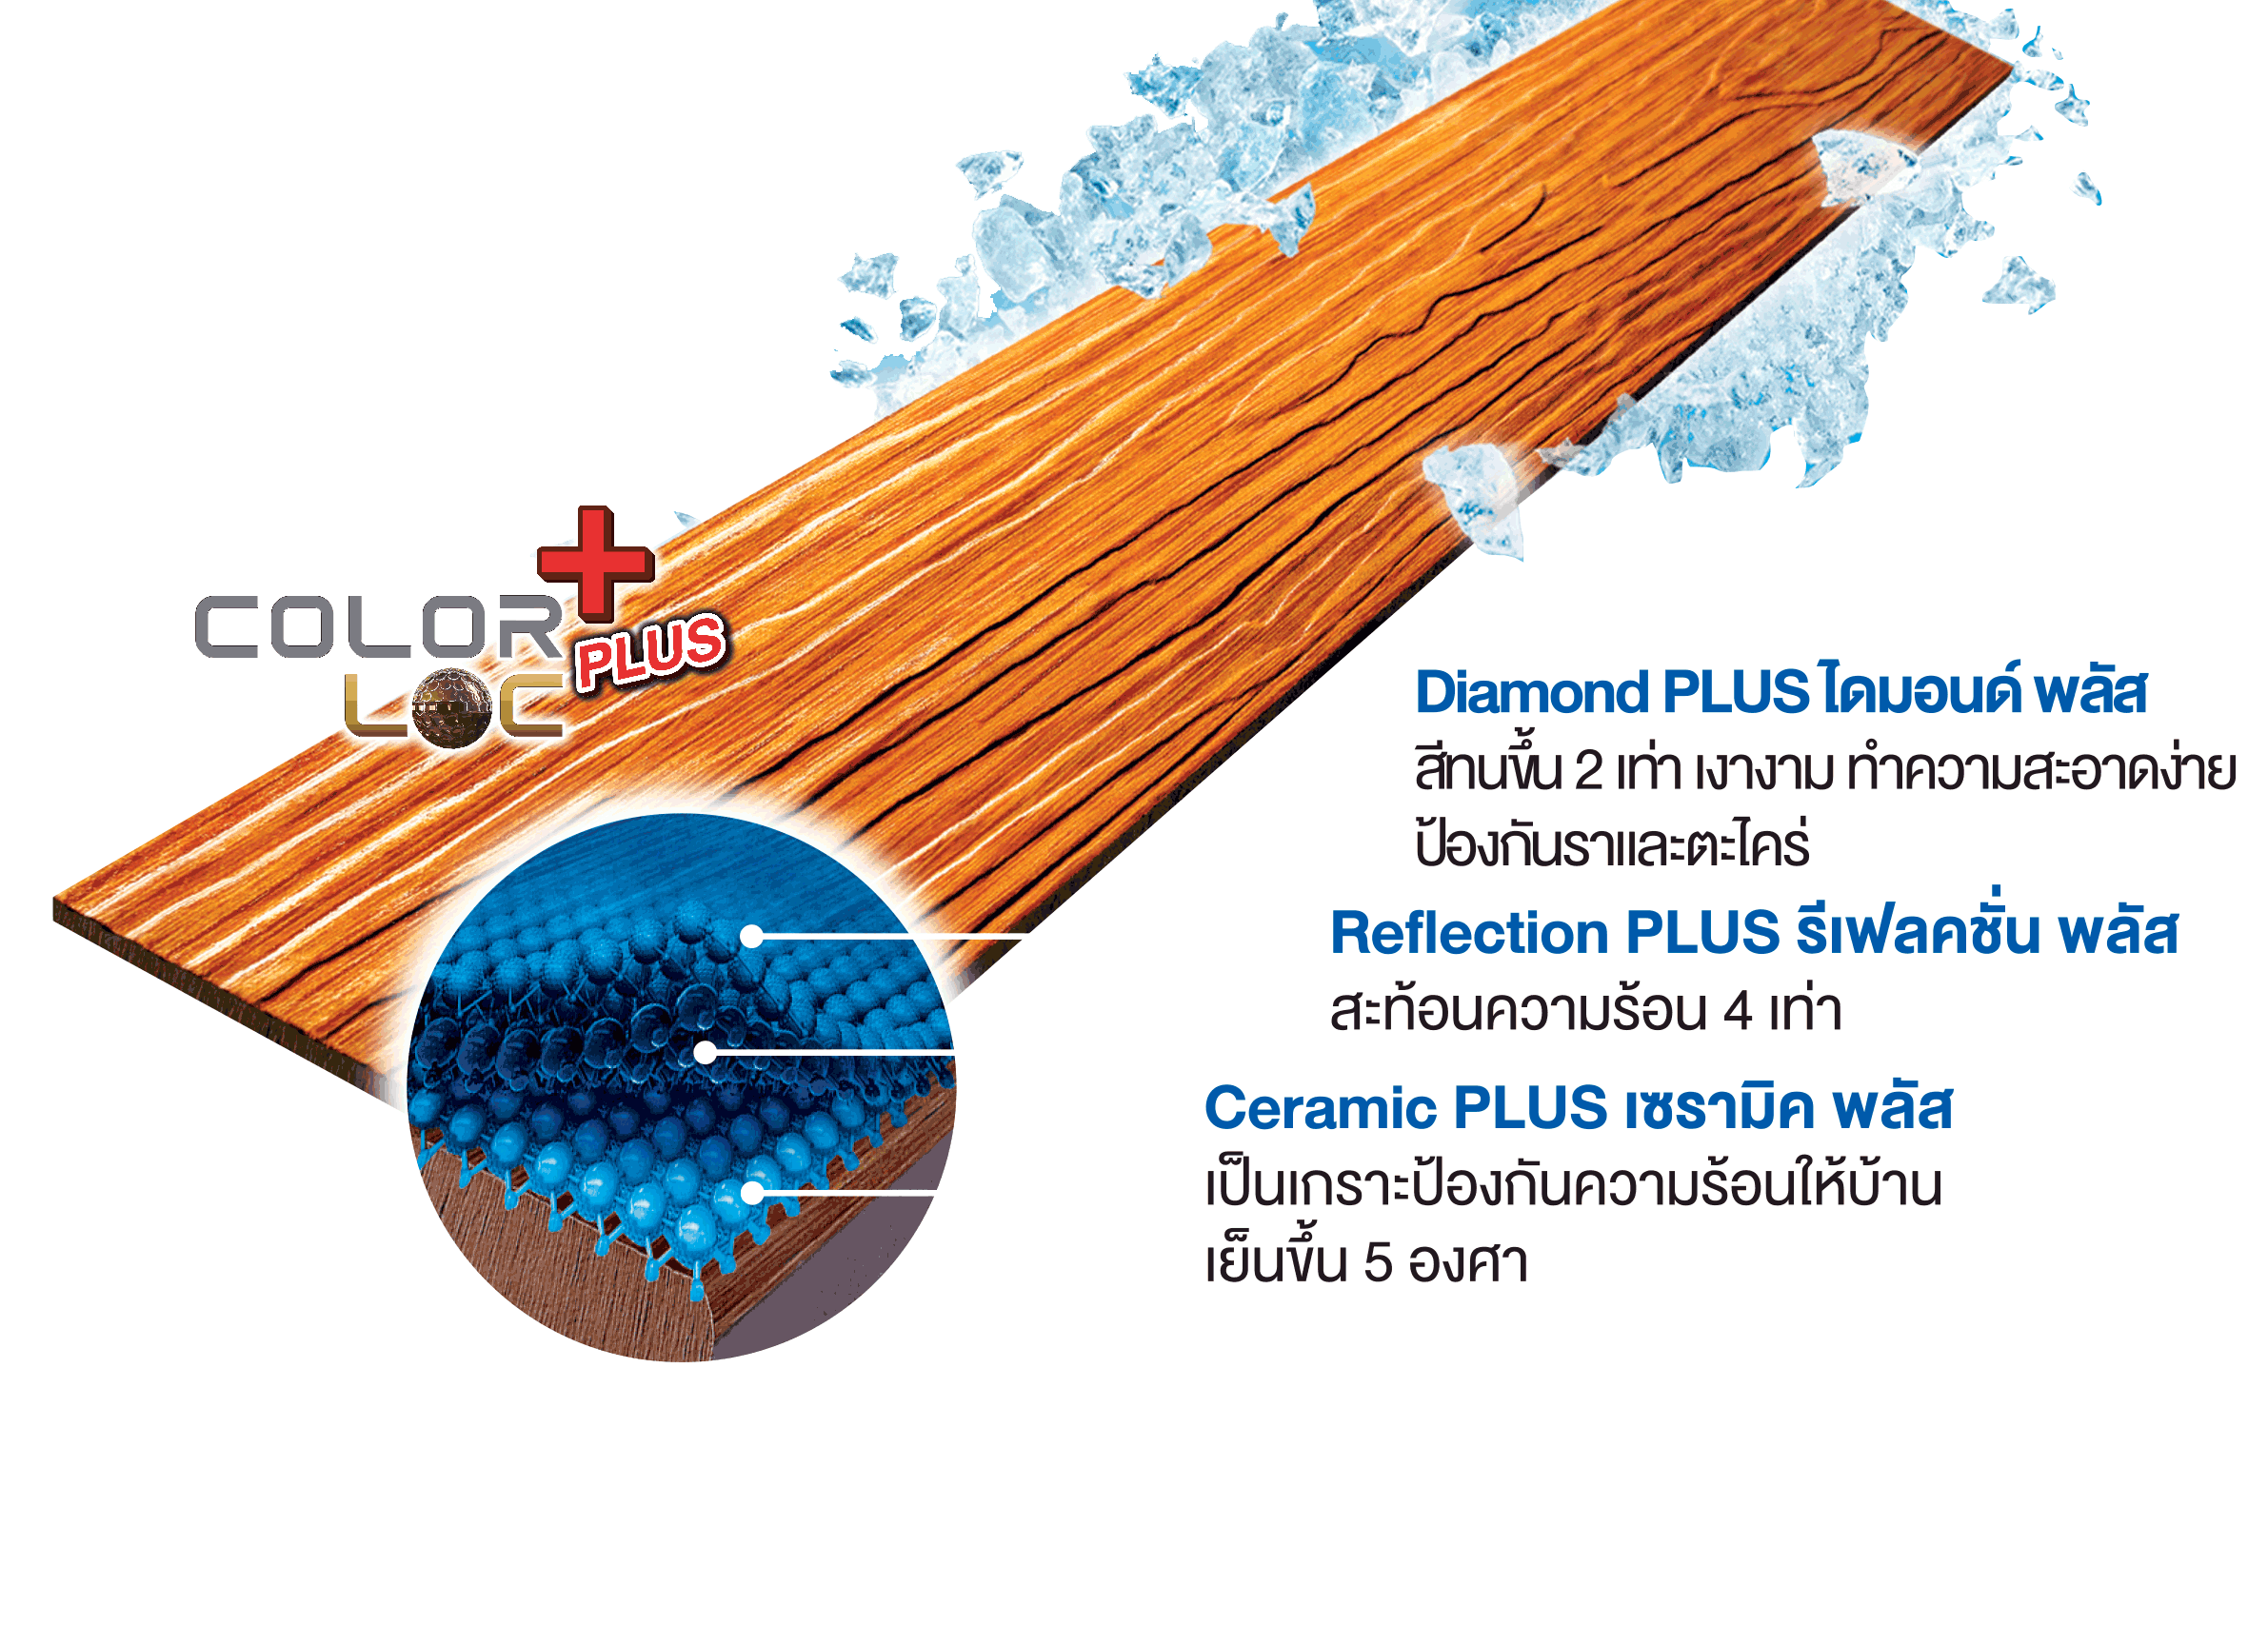 ภาพการทดสอบประสิทธิภาพไม้ฝากันความร้อนเอสซีจี รุ่นคูลพลัส SCG Cool Plus Wood-01KV_back